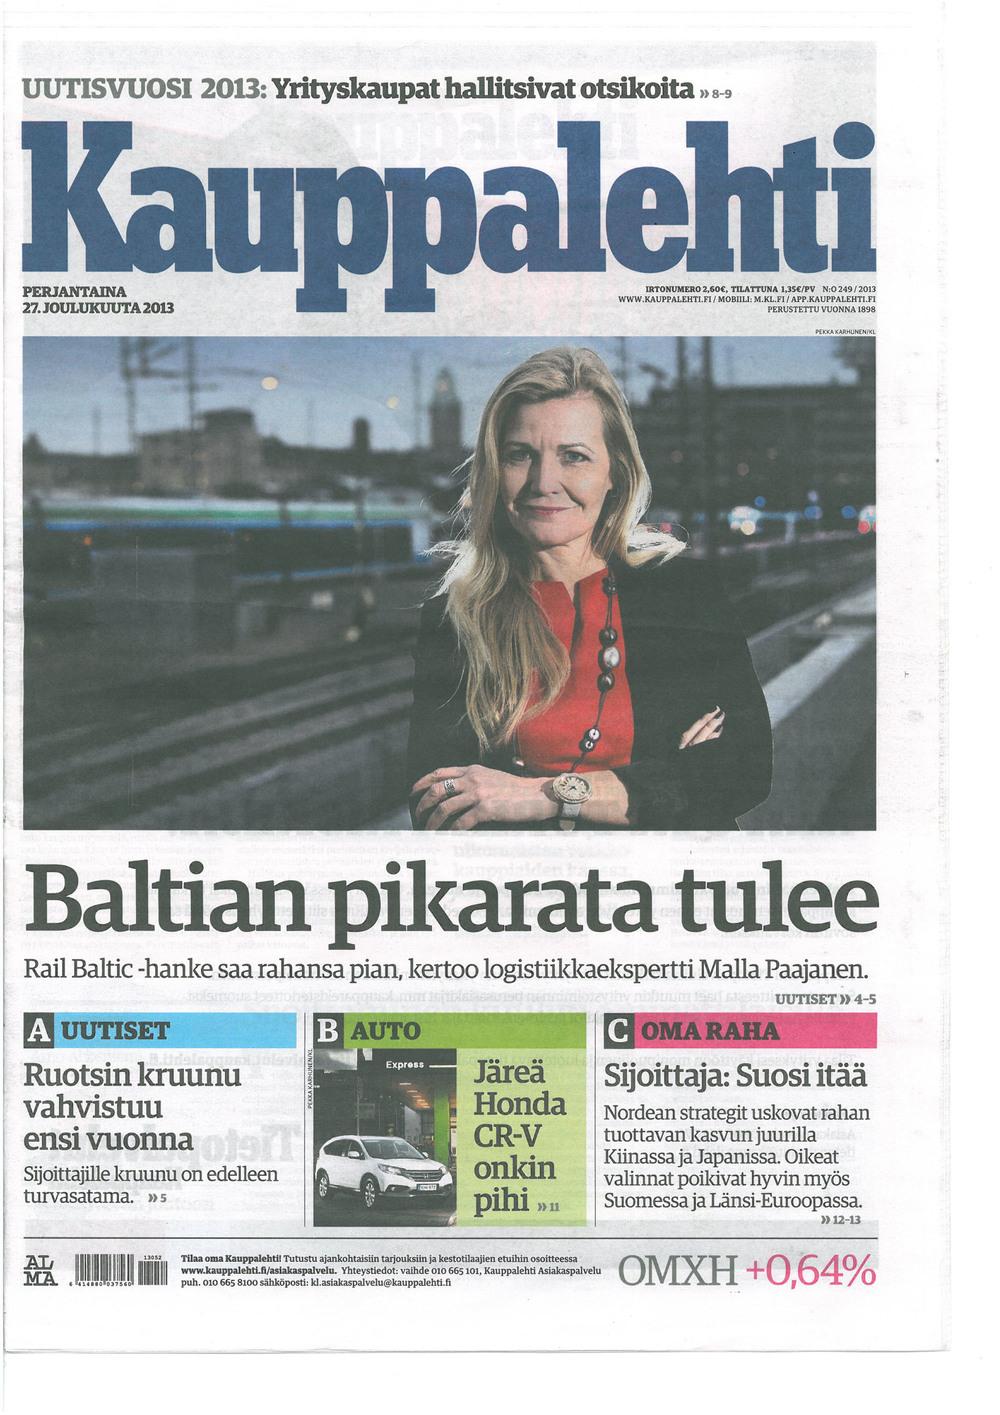 Kauppalehti (FI) on 27.12.2013.